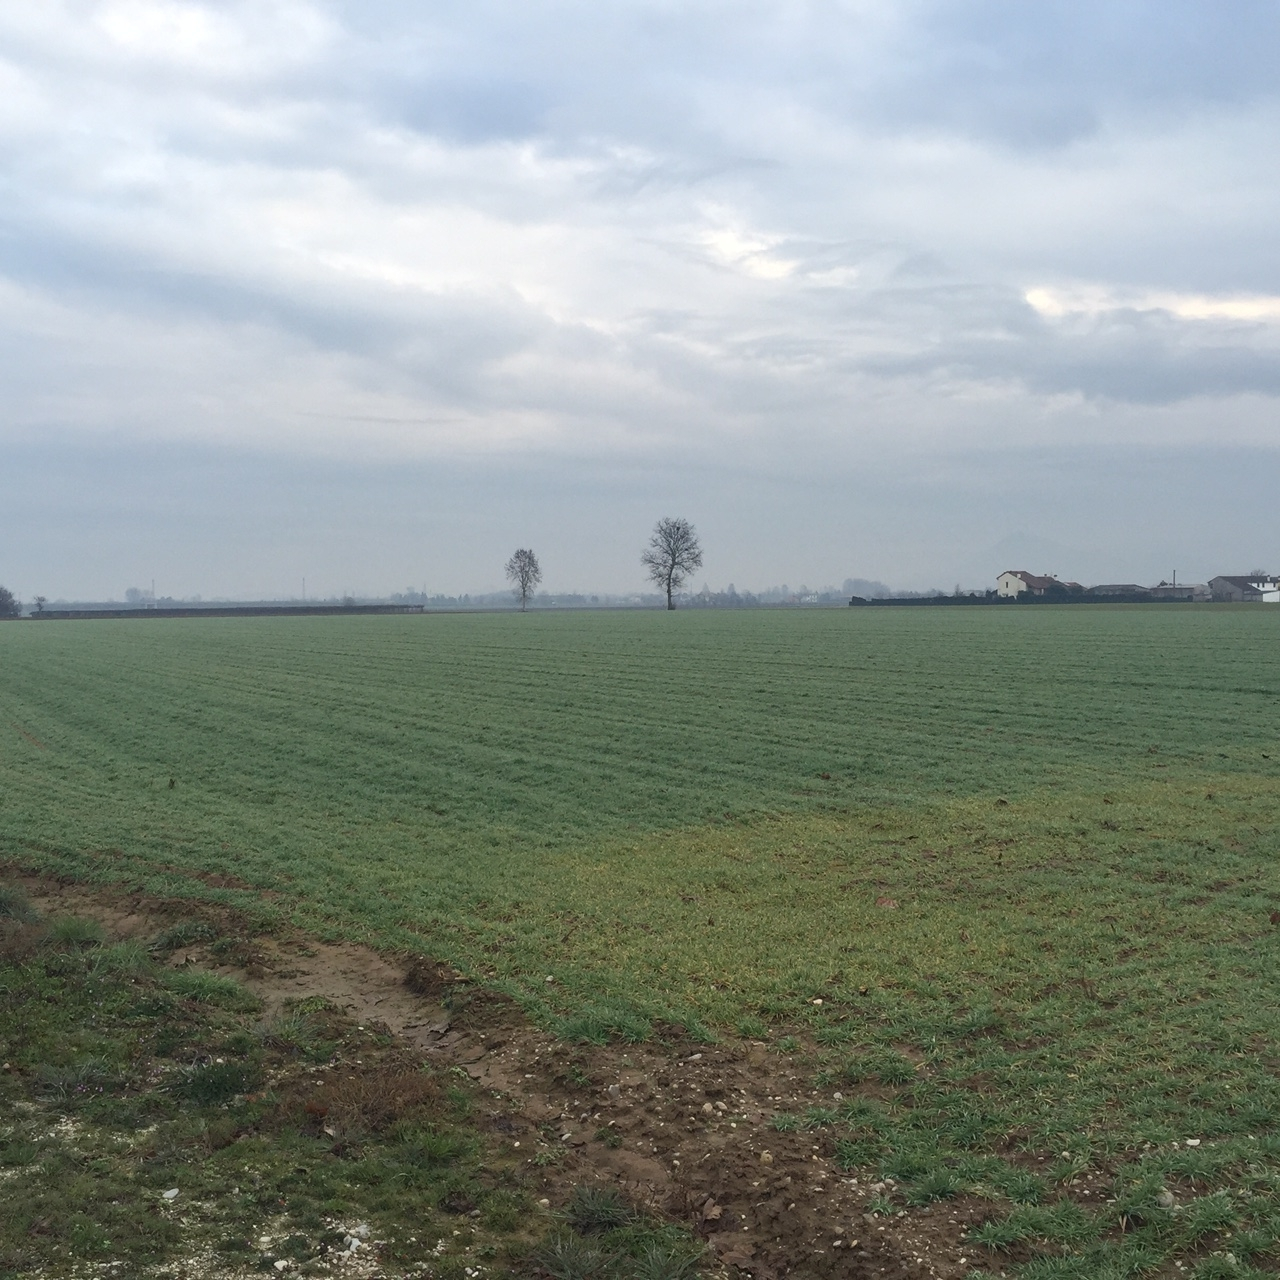 Terreno Agricolo in vendita a Lonigo, 1 locali, Trattative riservate | Cambio Casa.it